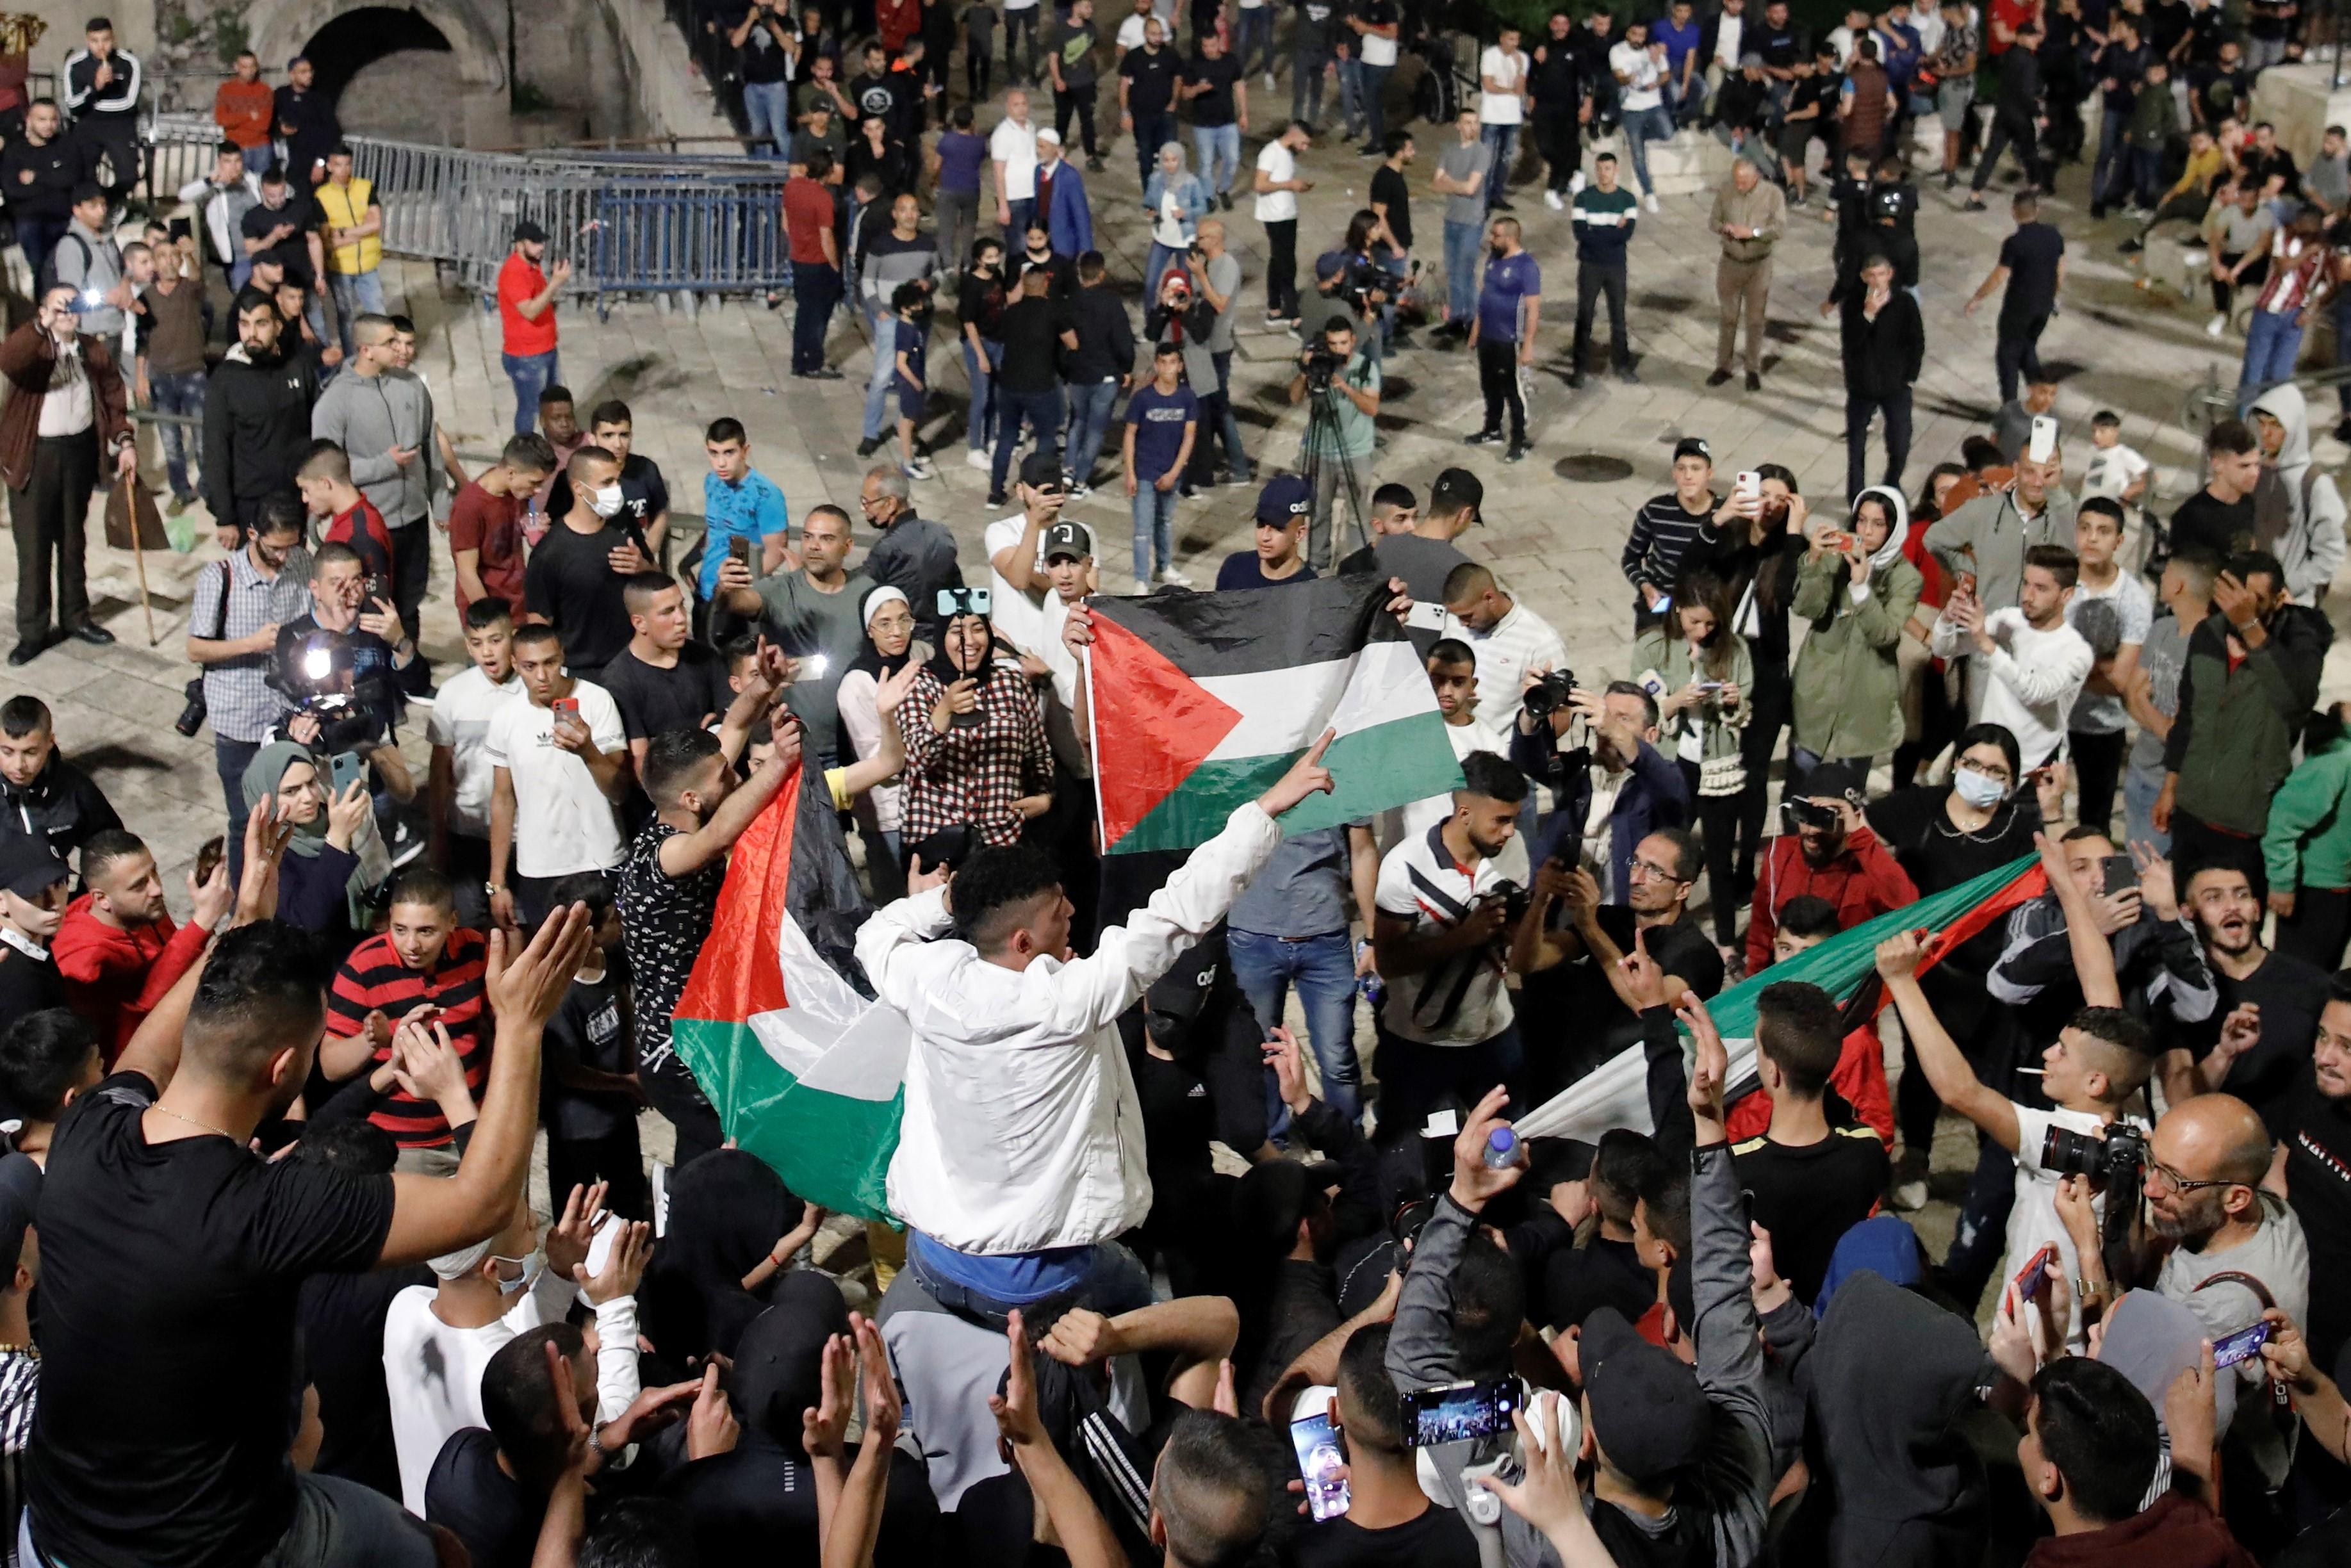 Palestinski prosvjednici podižu nacionalne zastave dok se okupljaju kraj Damaskinih vrata u starom gradu Jeruzalema, 25. aprila 2021. godine.